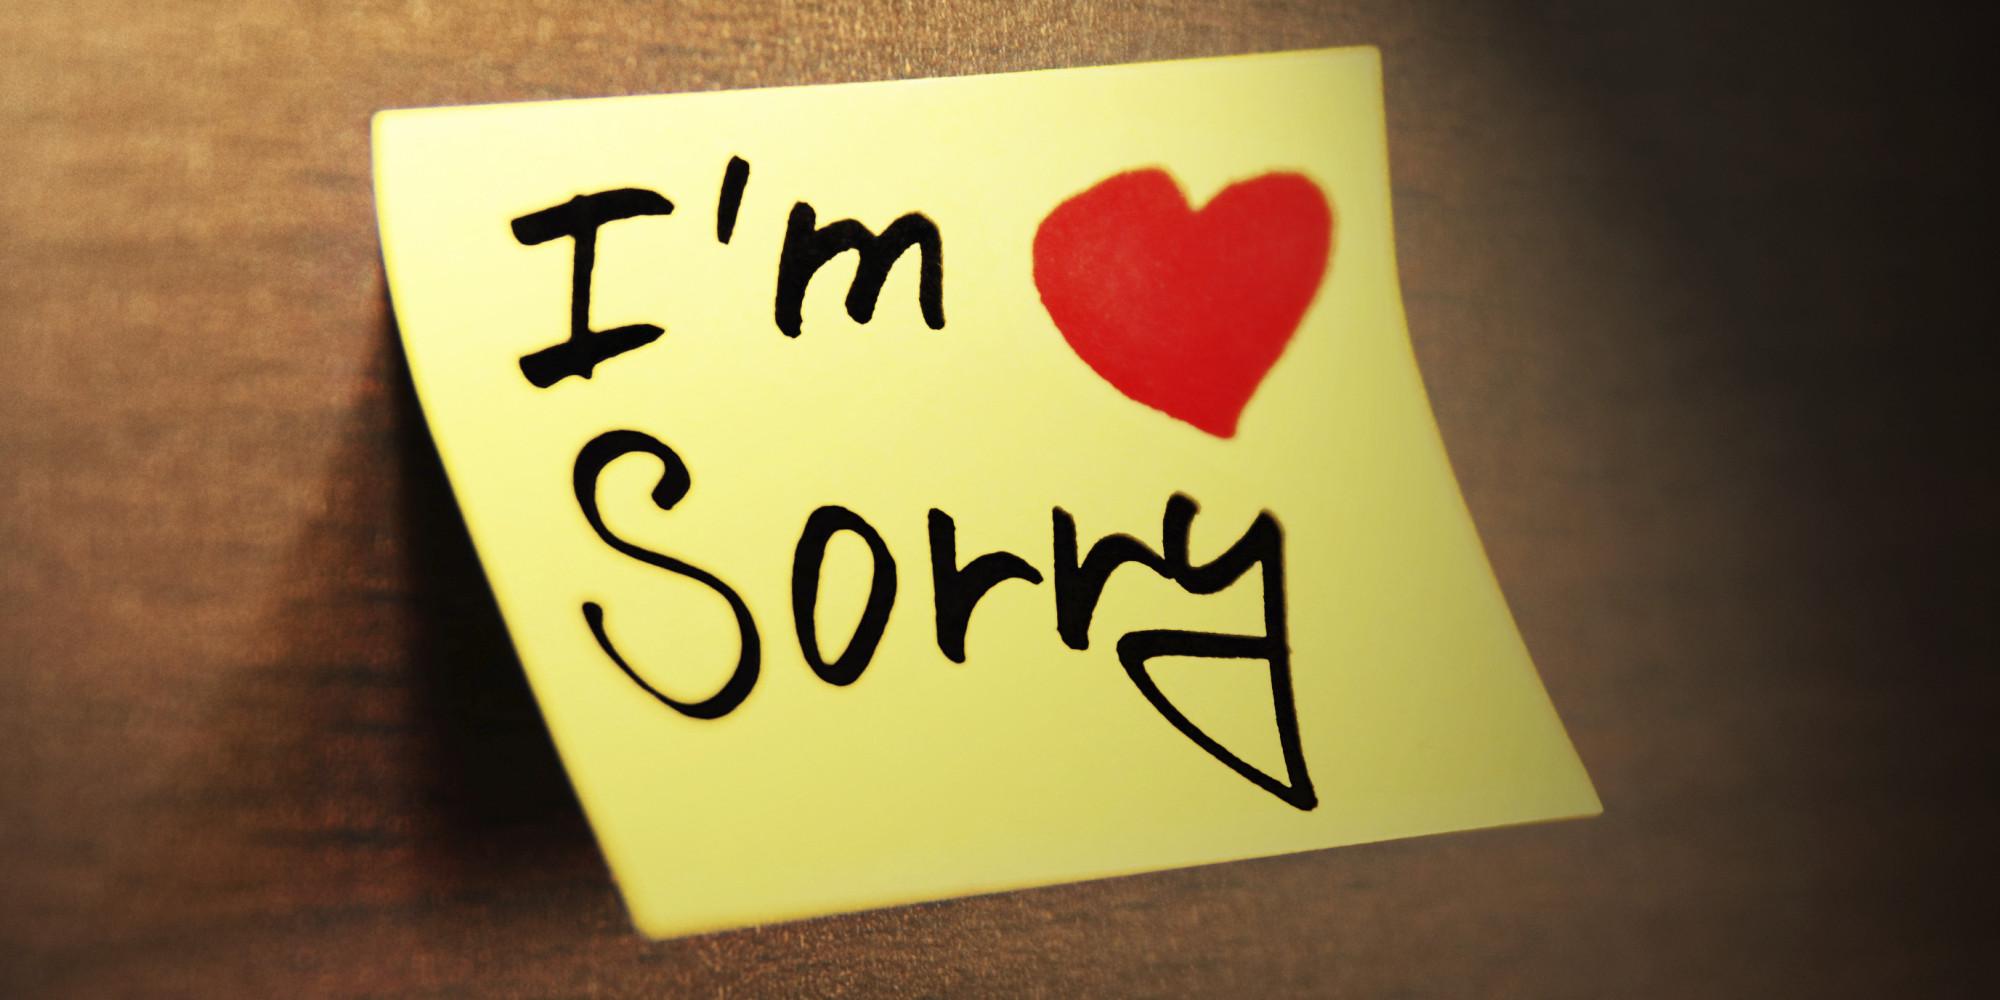 بالصور رسائل اعتذار للحبيب , مسدجات اسف واعتزار للحبيب 5017 10